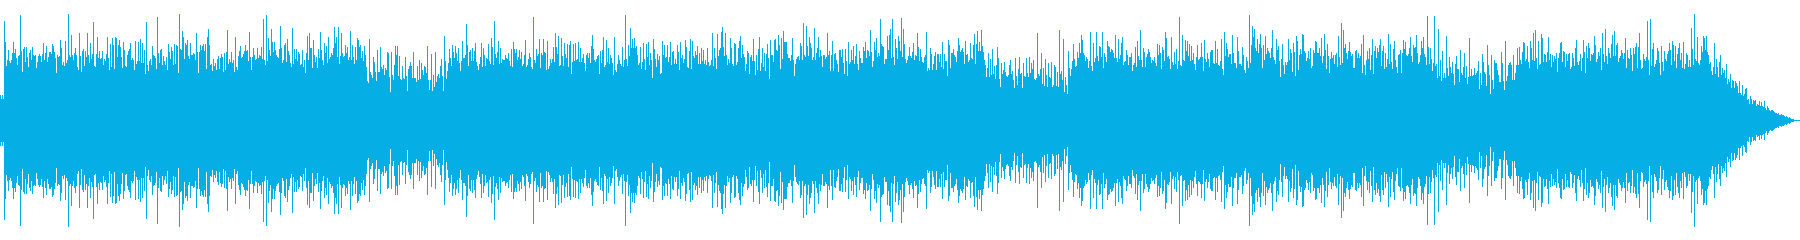 ピアノ/シンセ/通常戦闘/バトルの再生済みの波形